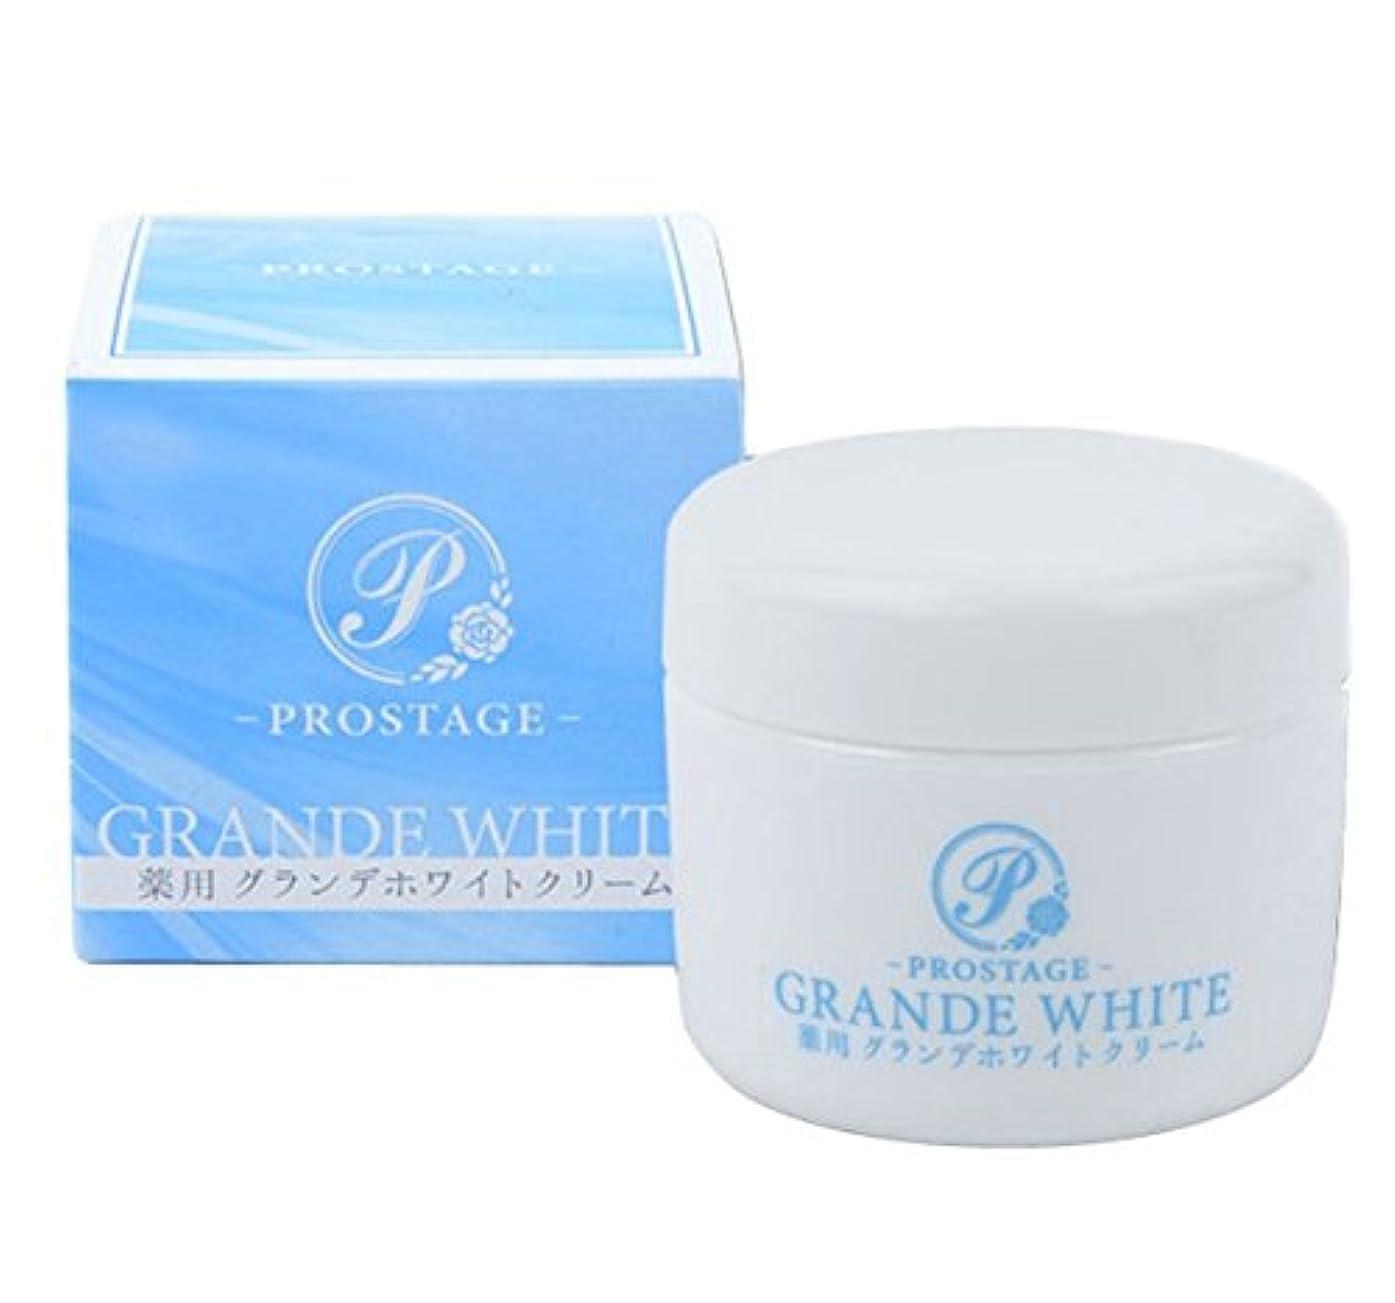 喪サスペンドおとなしい薬用グランデホワイトクリーム PROSTAGE ホワイトニングクリーム 大容量80g (2個)